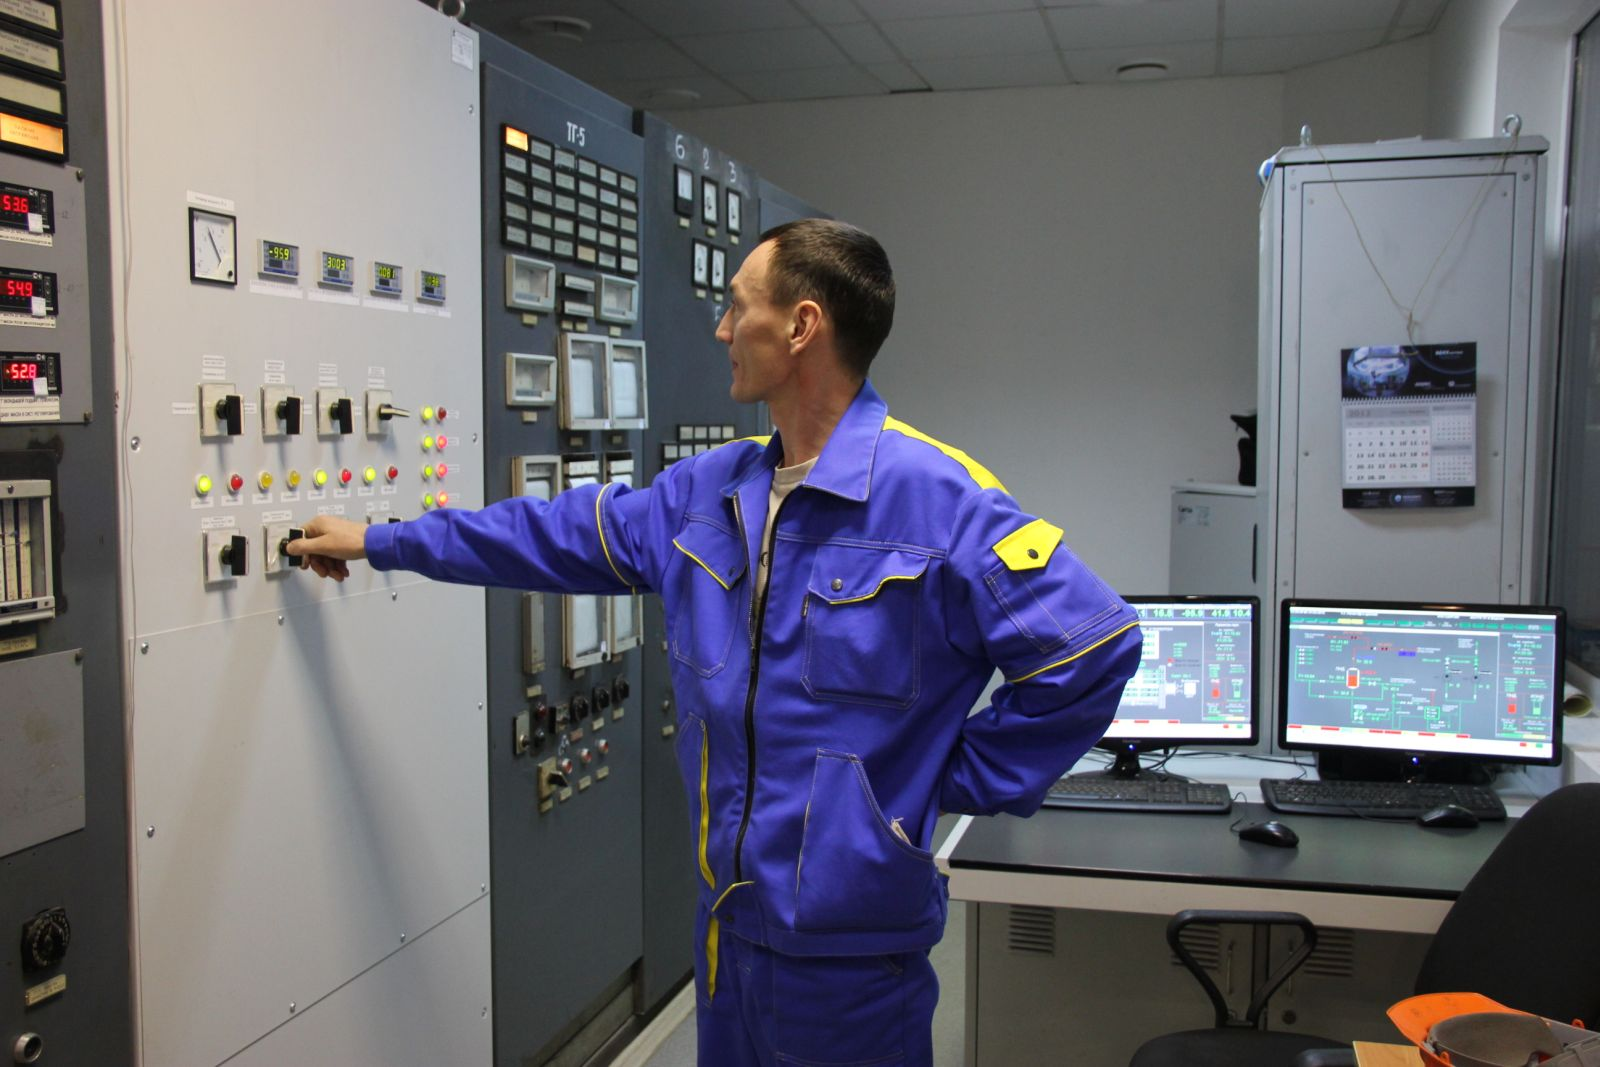 Для внедрения системы менеджмента по ИСО предприятие переходит на современные энергосберегающие технологии, устанавливает оборудование, вводит контроль за всеми показателями энергосбережения.